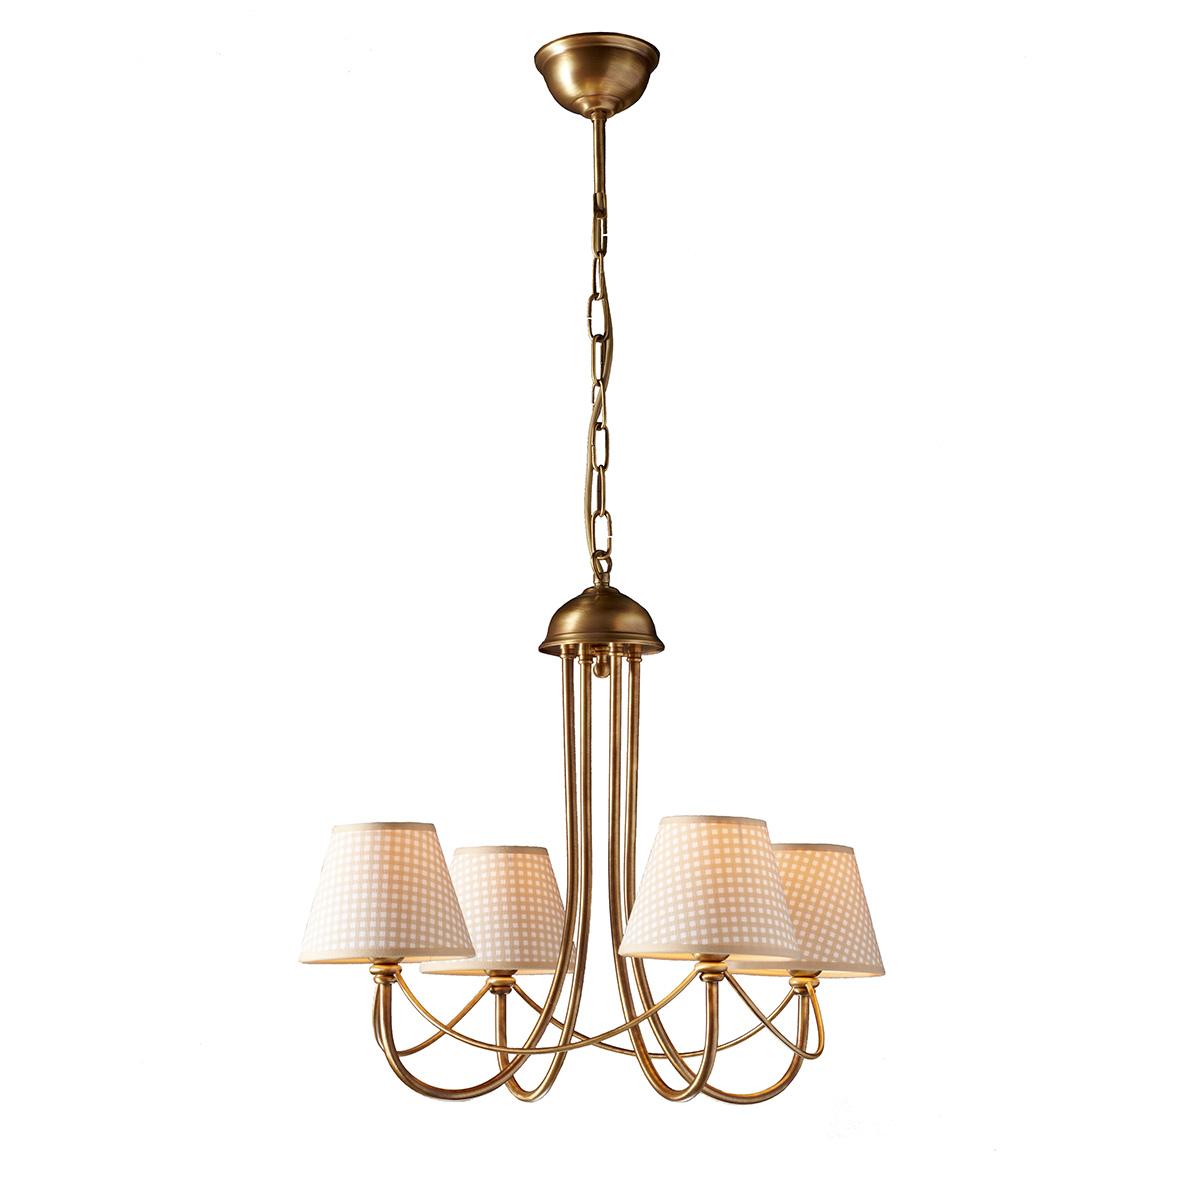 Κλασικό 4φωτο πολύφωτο με καφέ καρό καπέλα ΓΥΘΕΙΟ classic 4-bulb chandelier with brown plaided shade